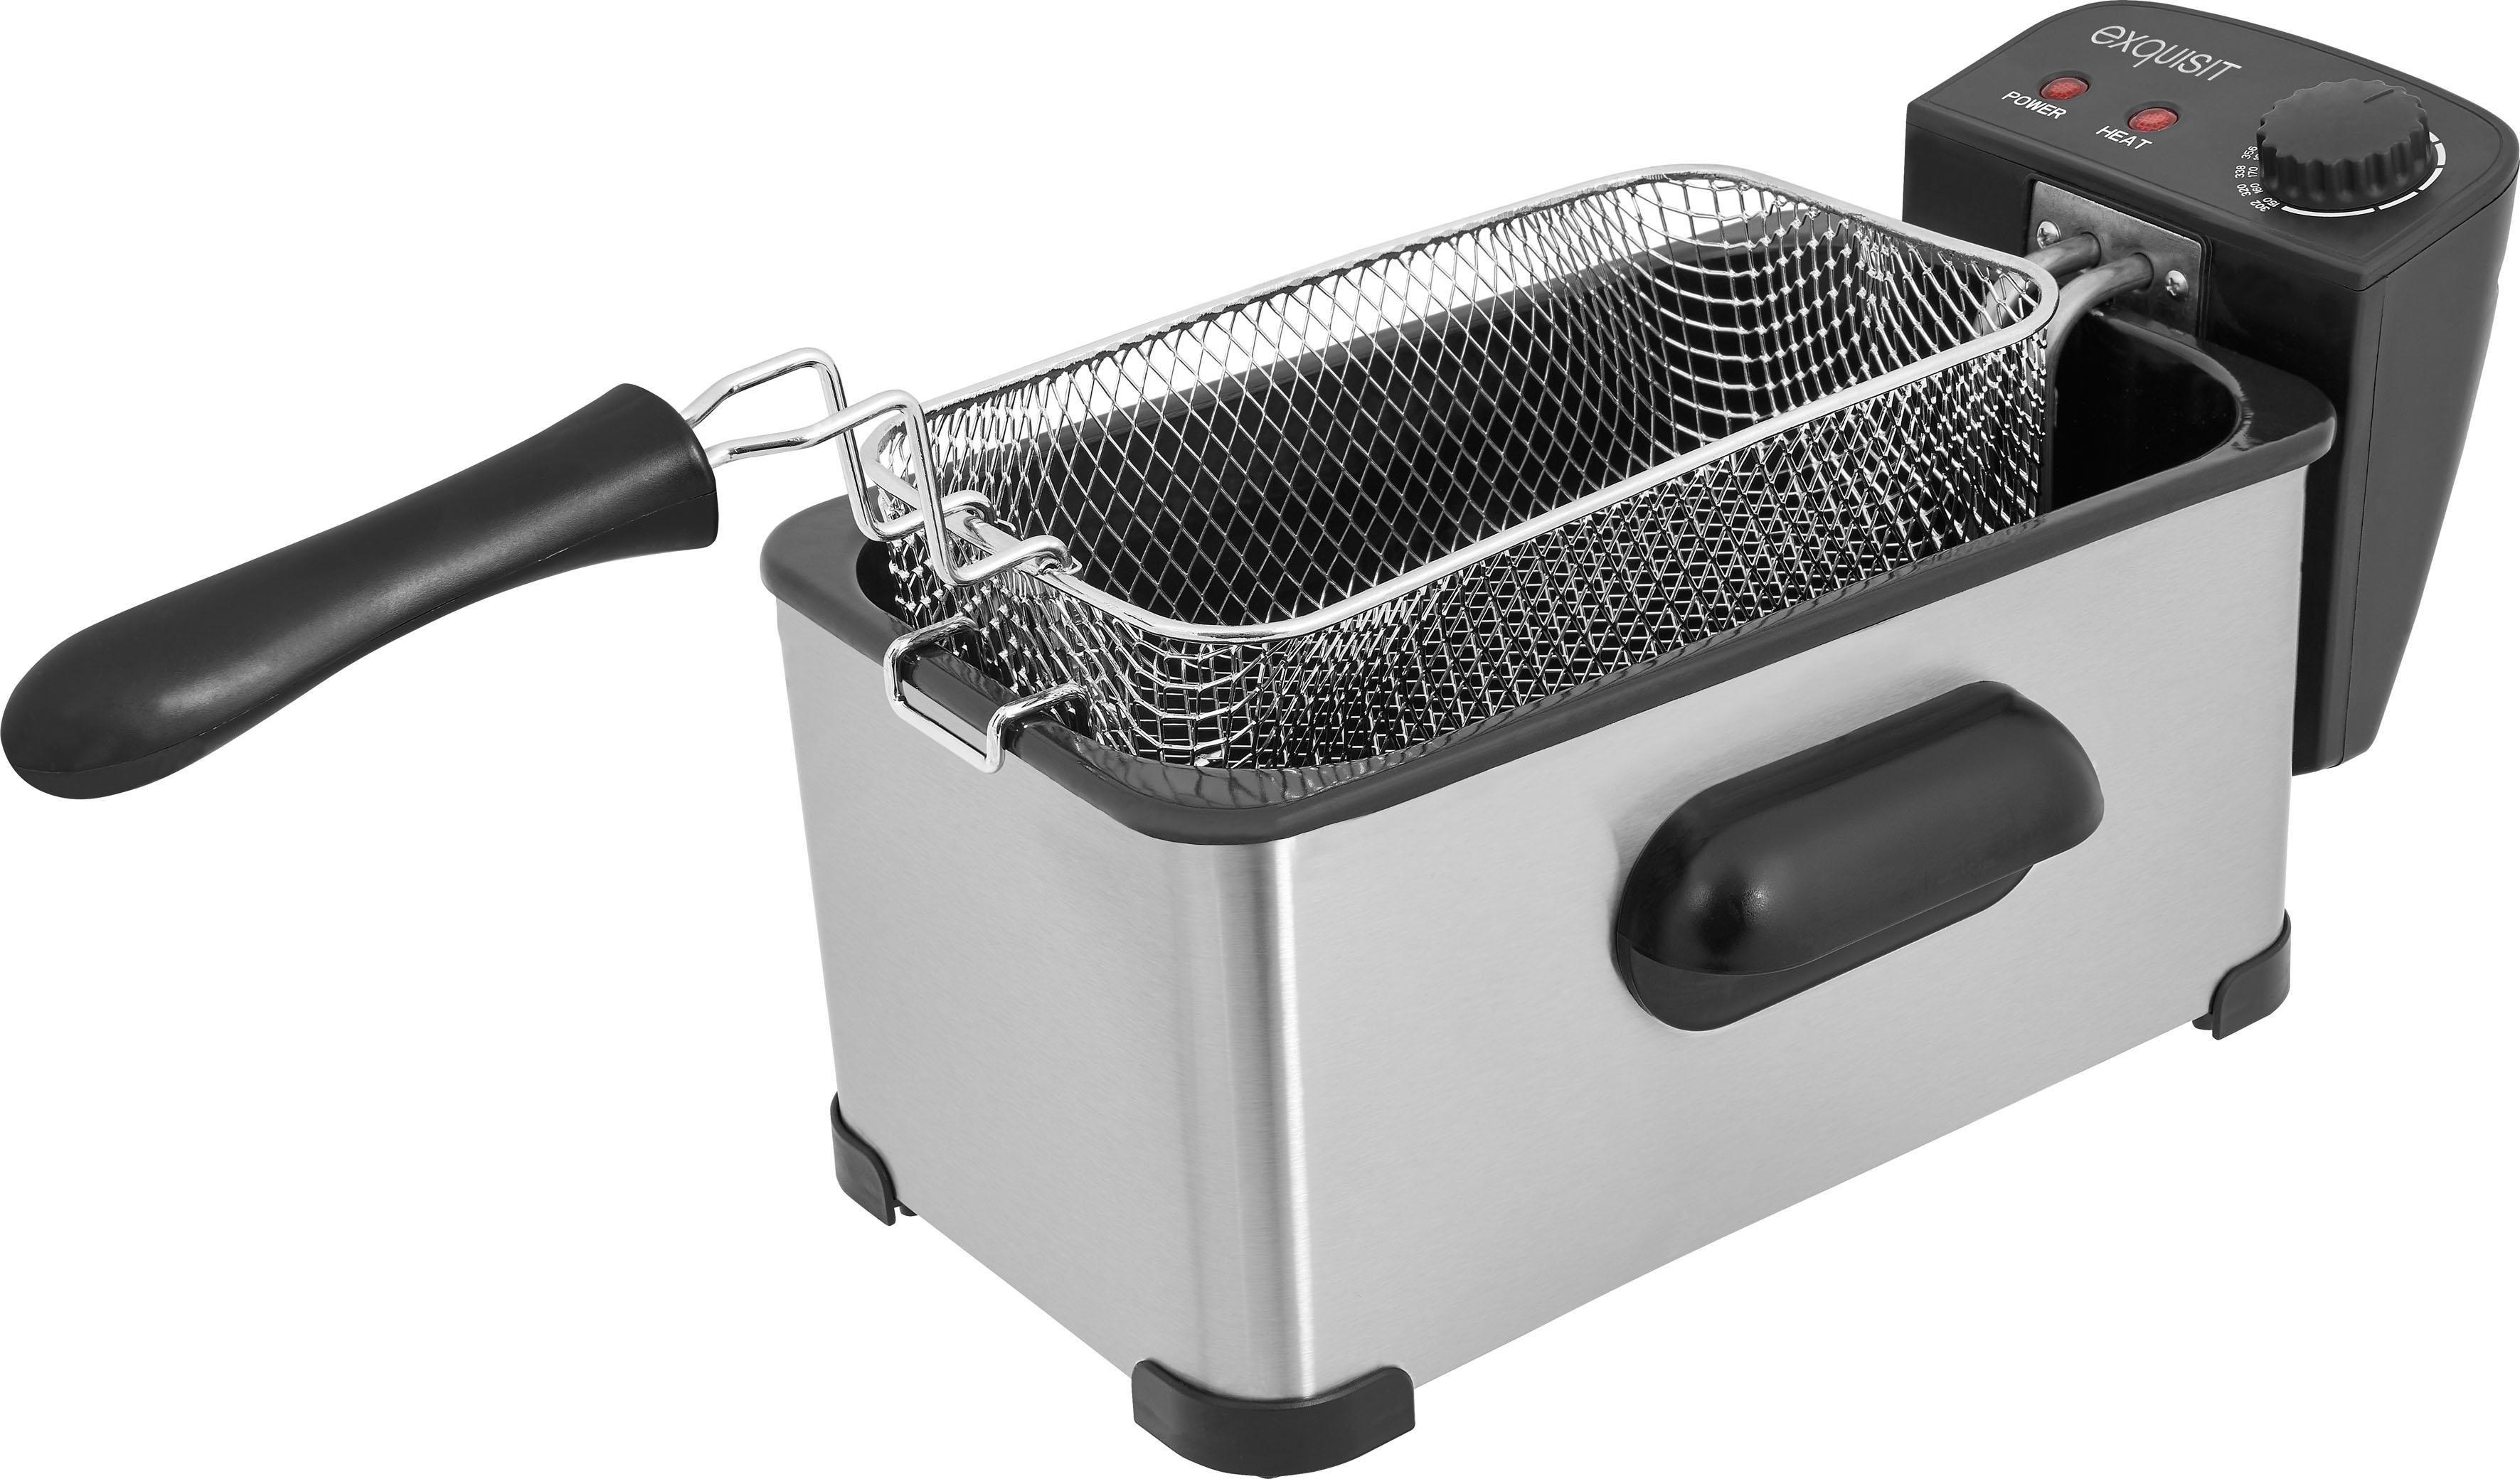 Op zoek naar een Exquisit friteuse FR 3101 isw Capaciteit 1,5 kg? Koop online bij OTTO